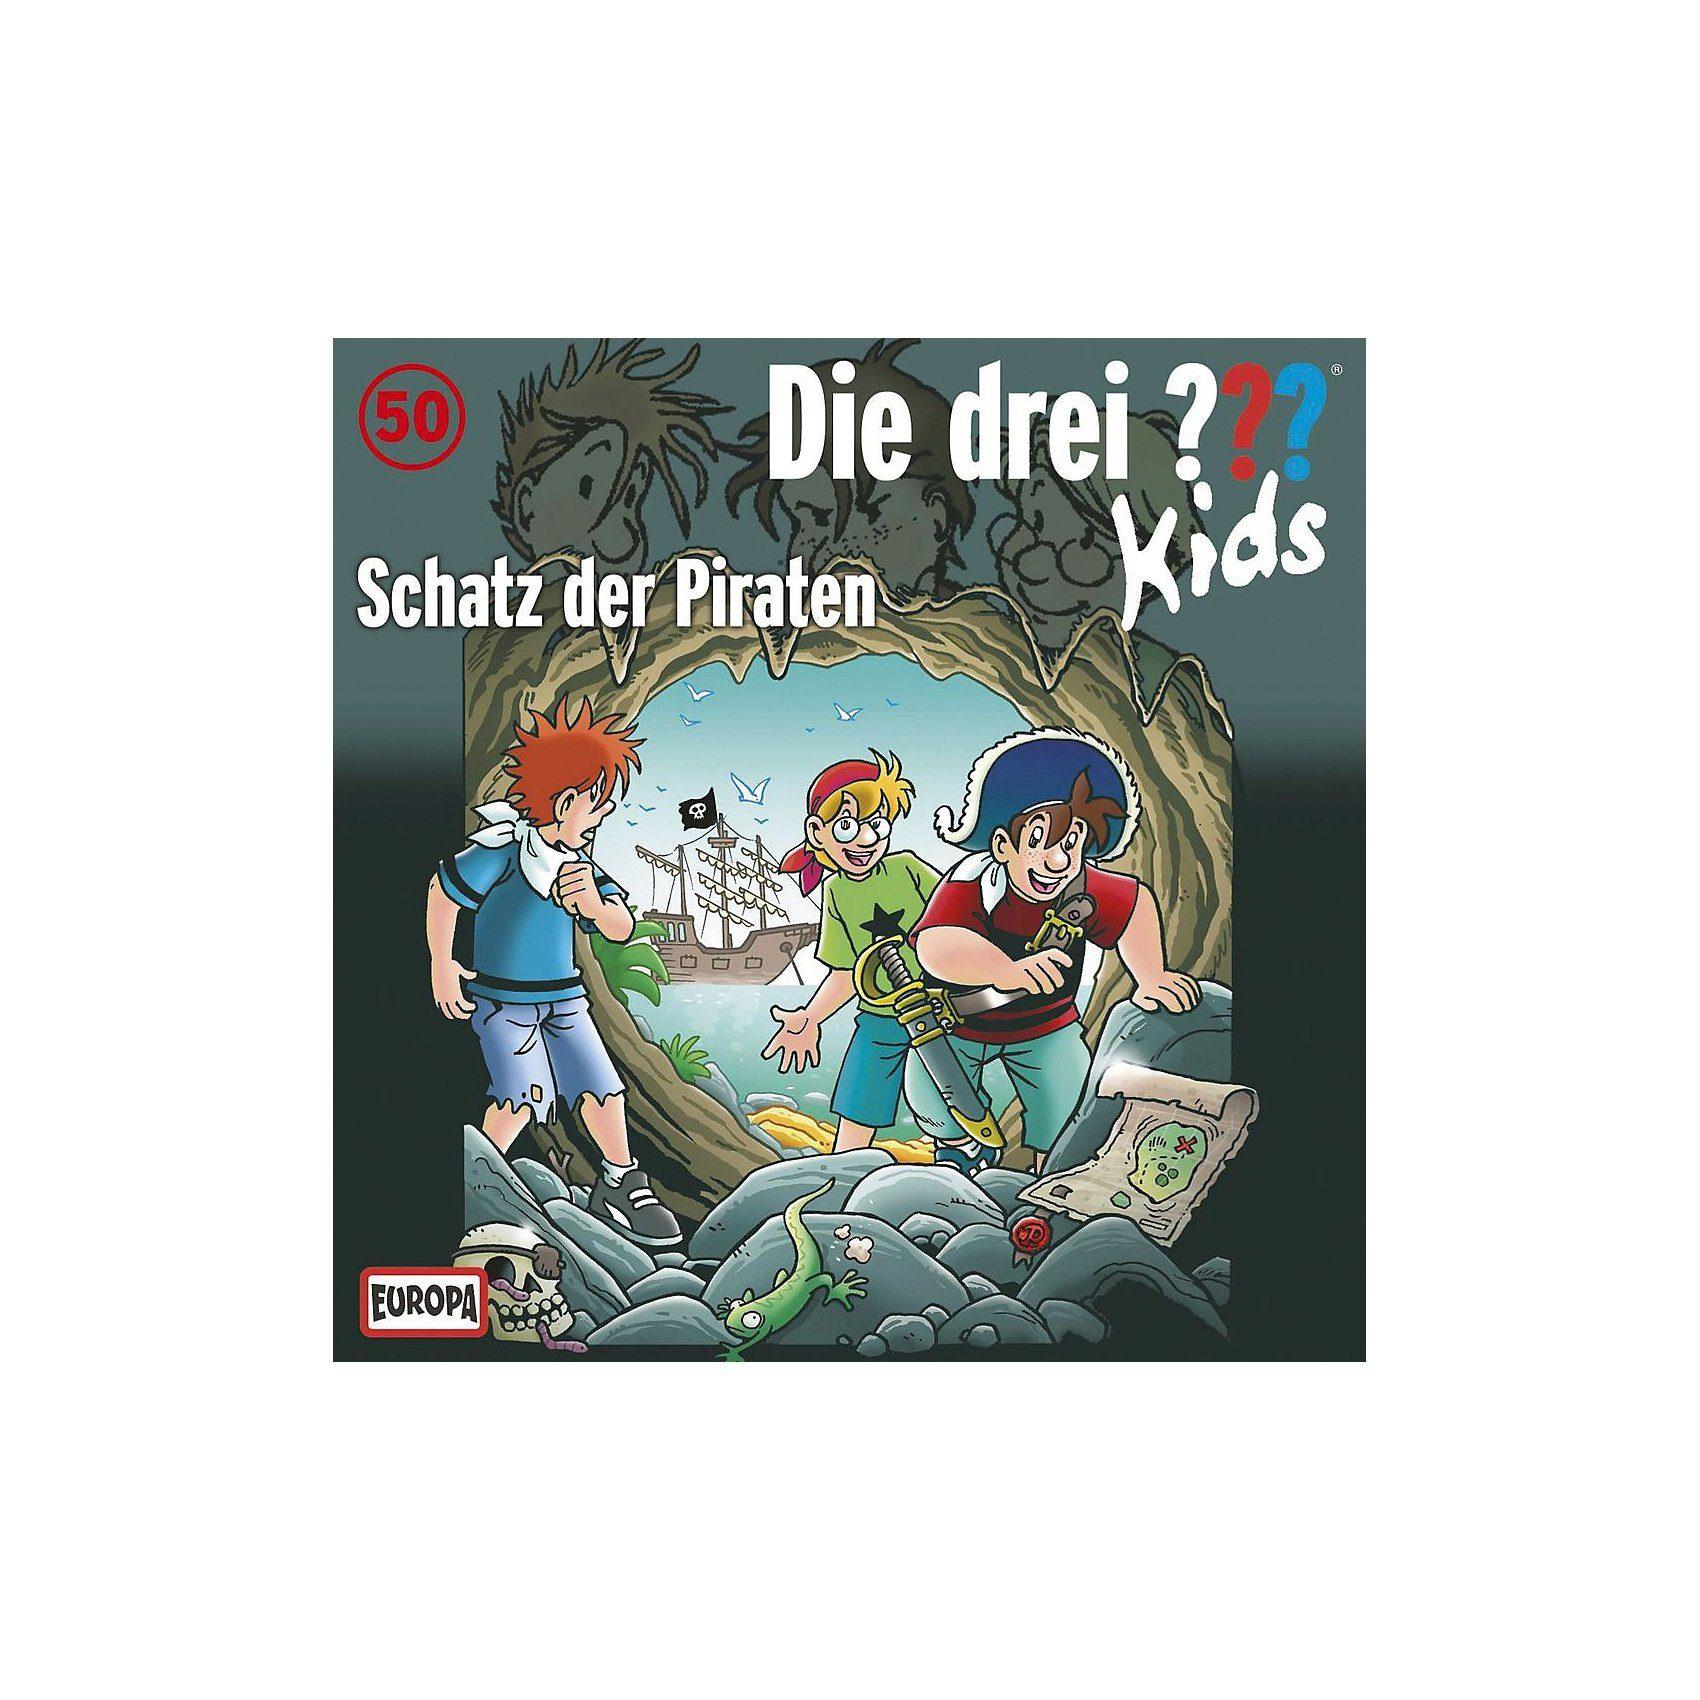 Sony CD Die Drei ??? Kids 50 - Schatz der Piraten